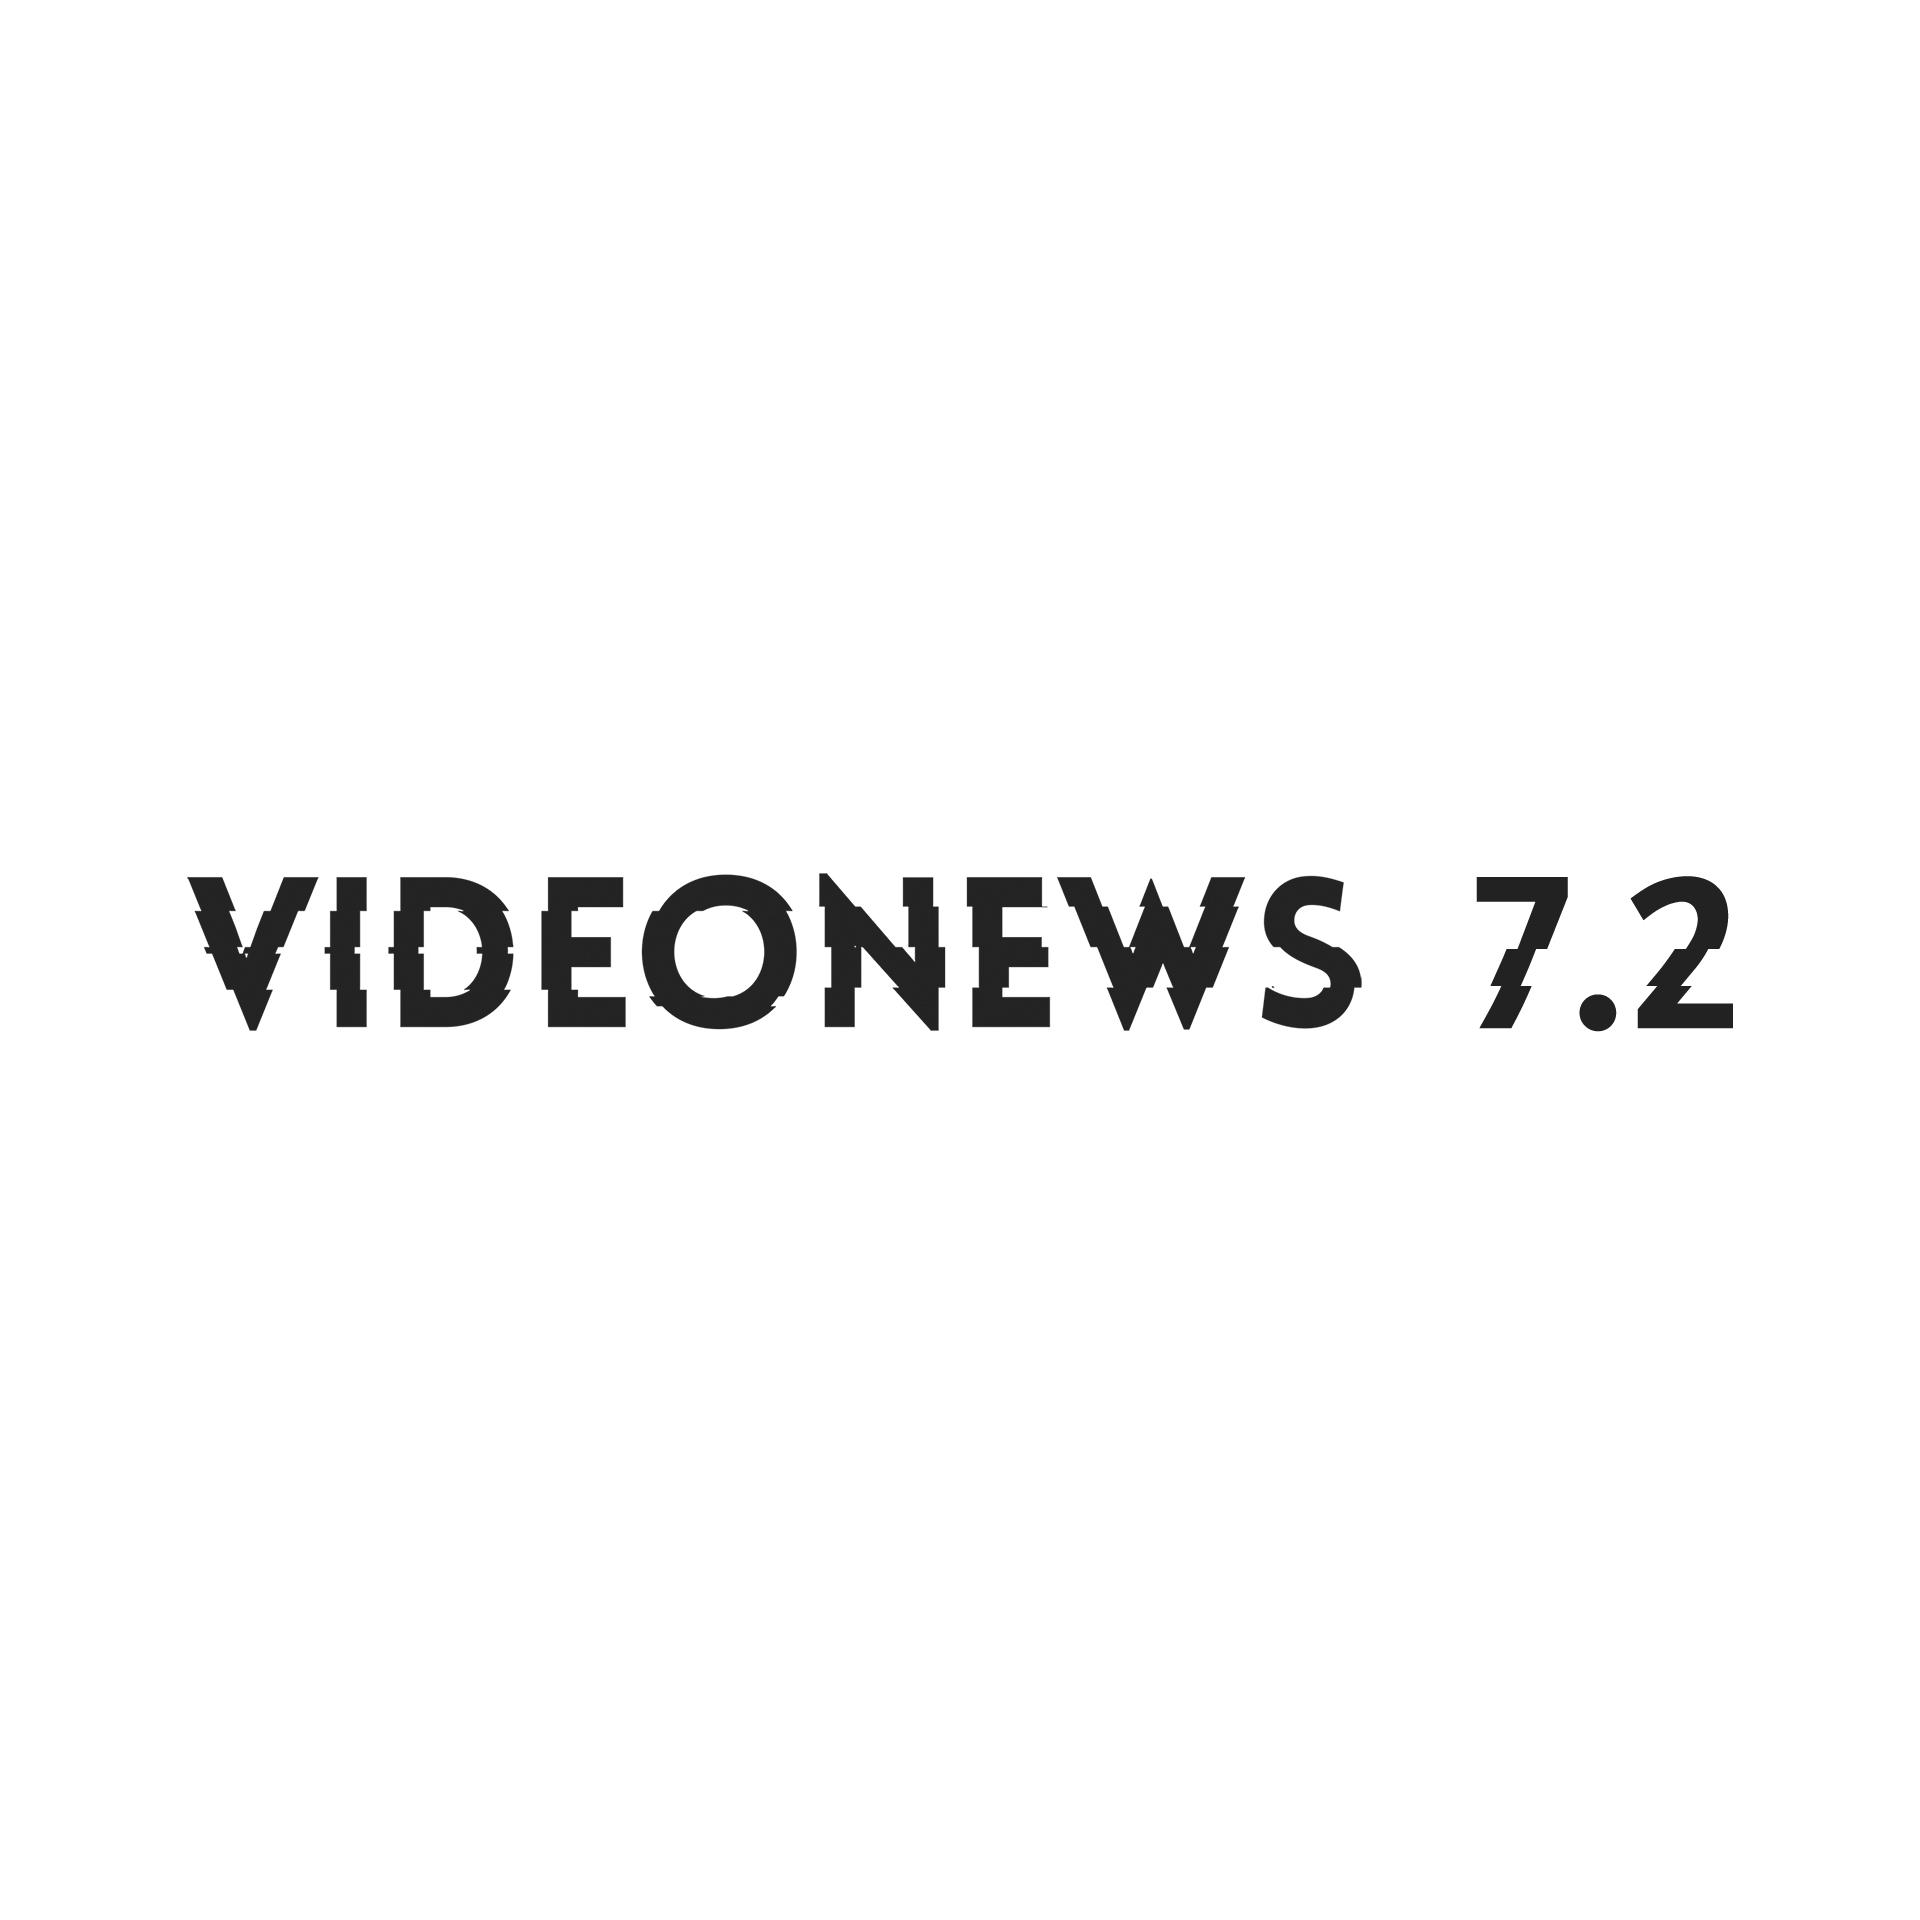 """Przegląd wideo """"VideoNews 7.2"""" w Galerii Labirynt w Lublinie - Zdjęcie główne"""